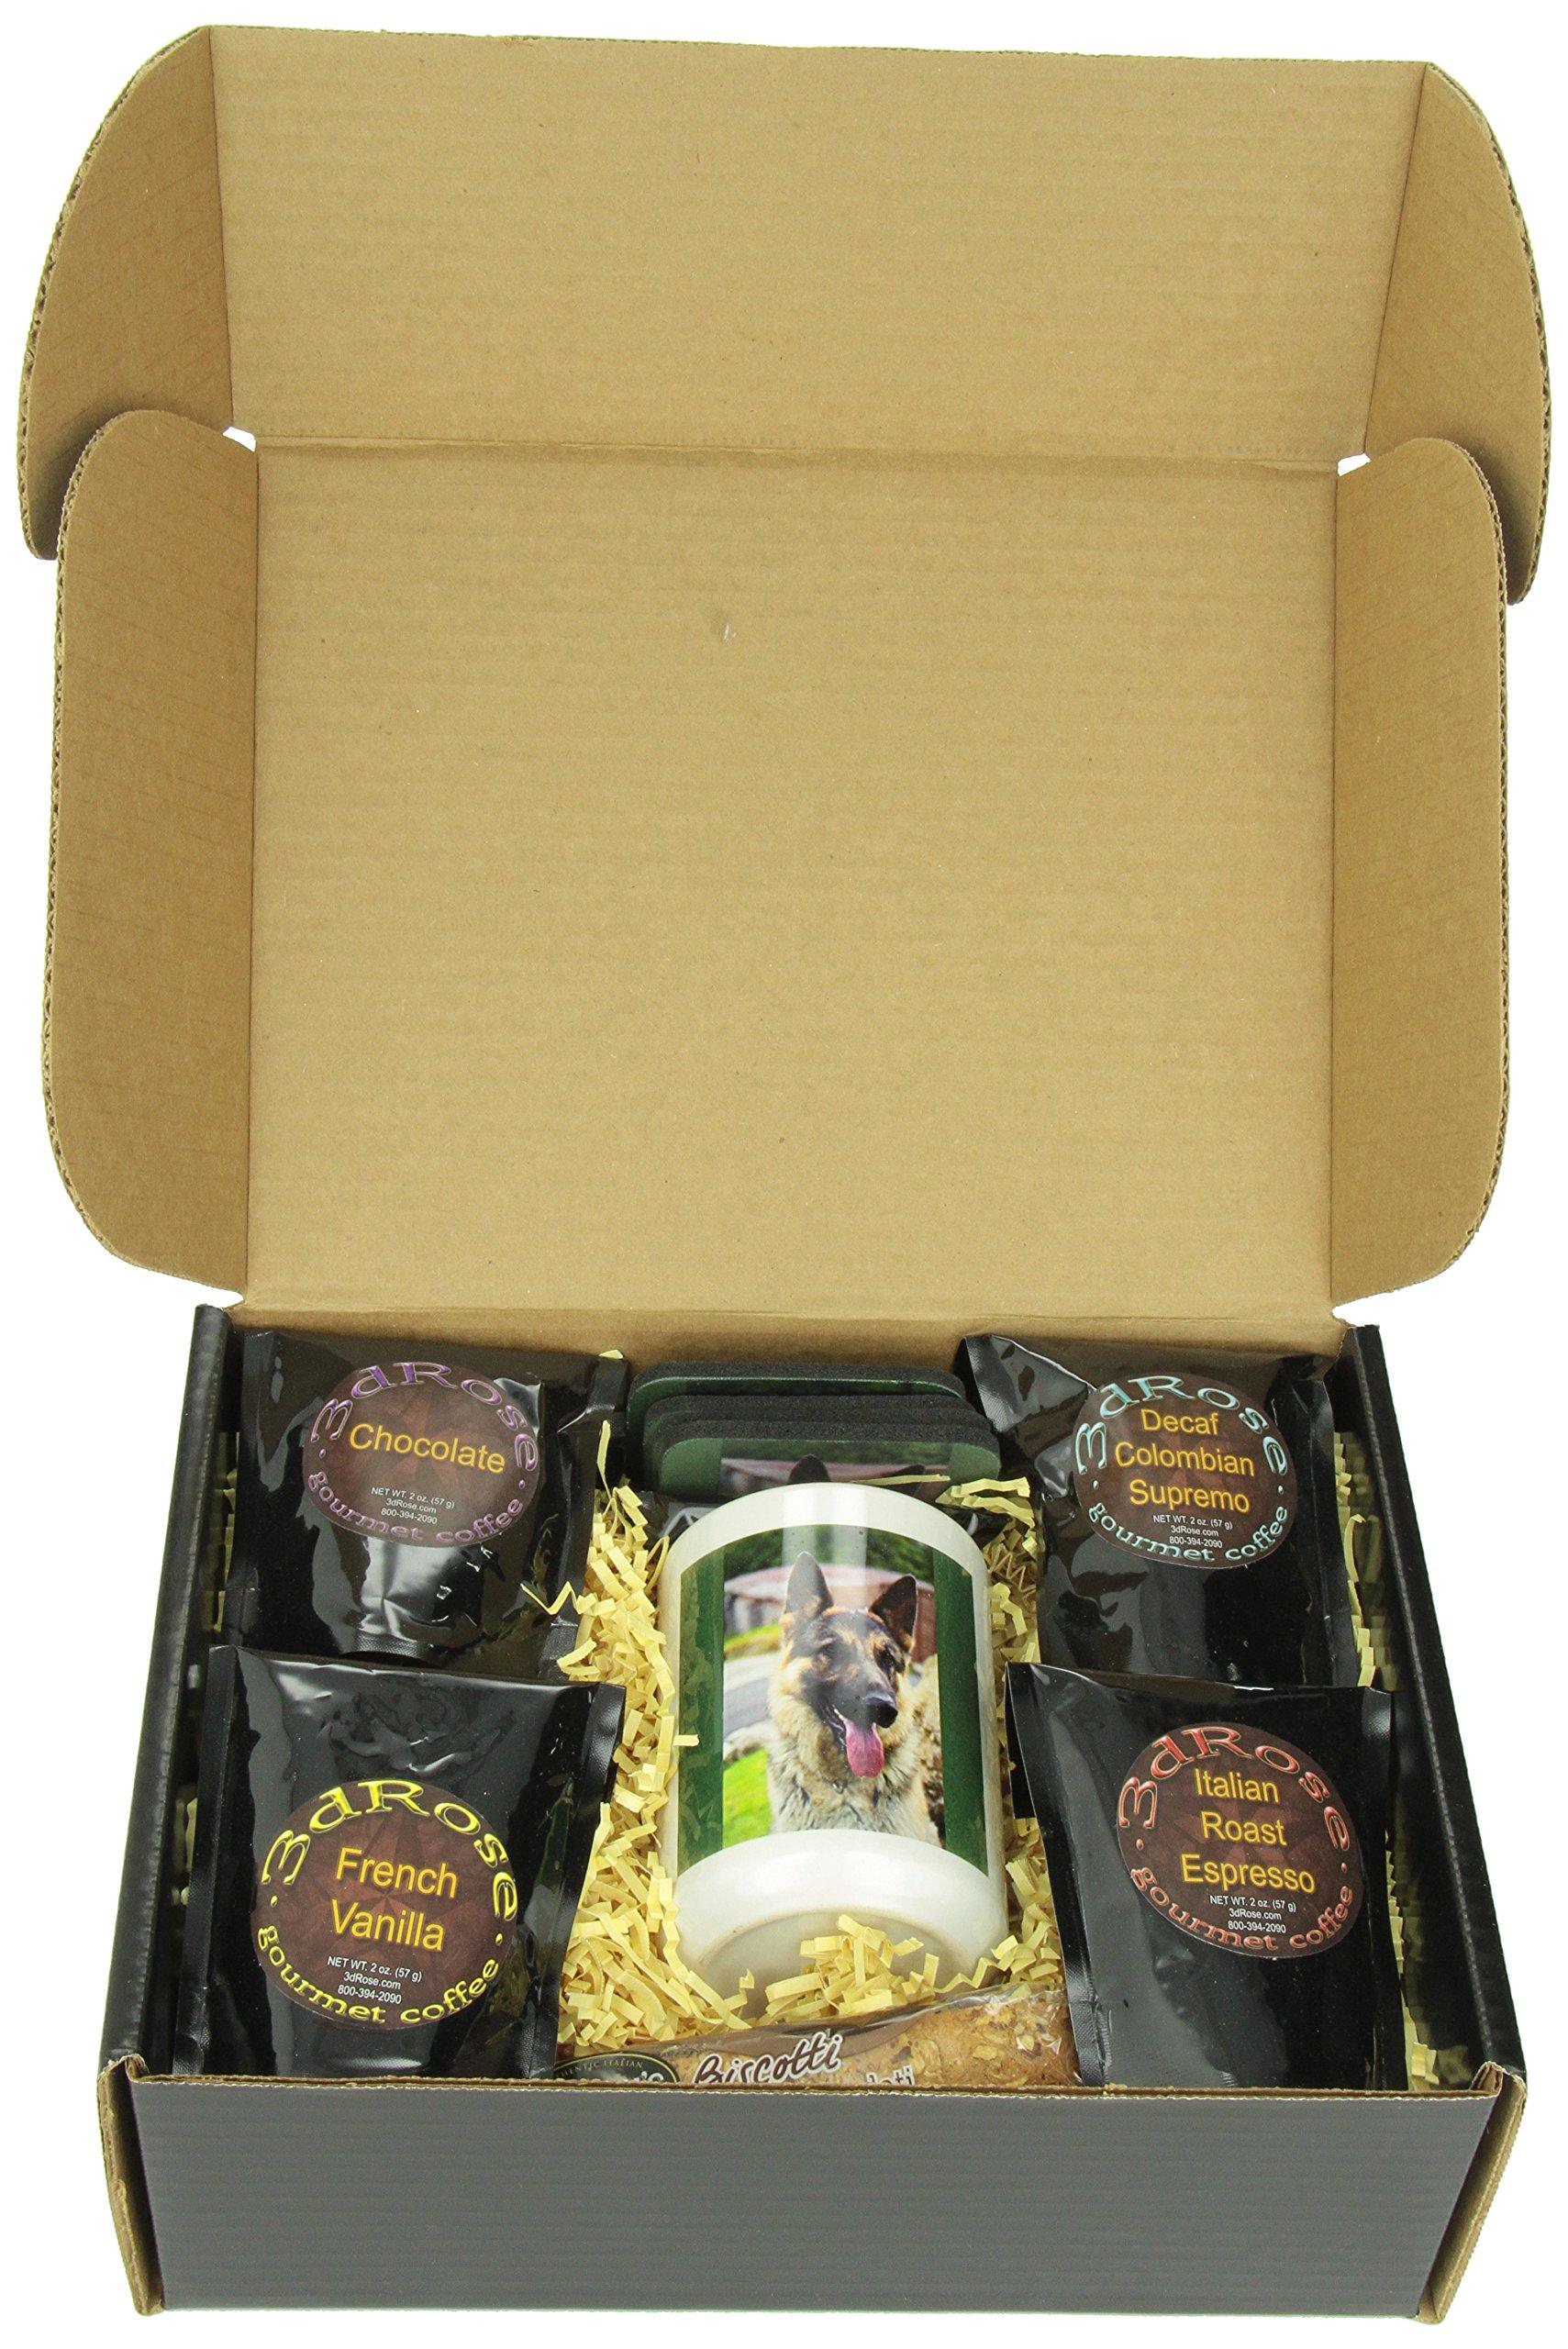 3dRose German Shepherd Portrait Coffee Gift Basket, Multi